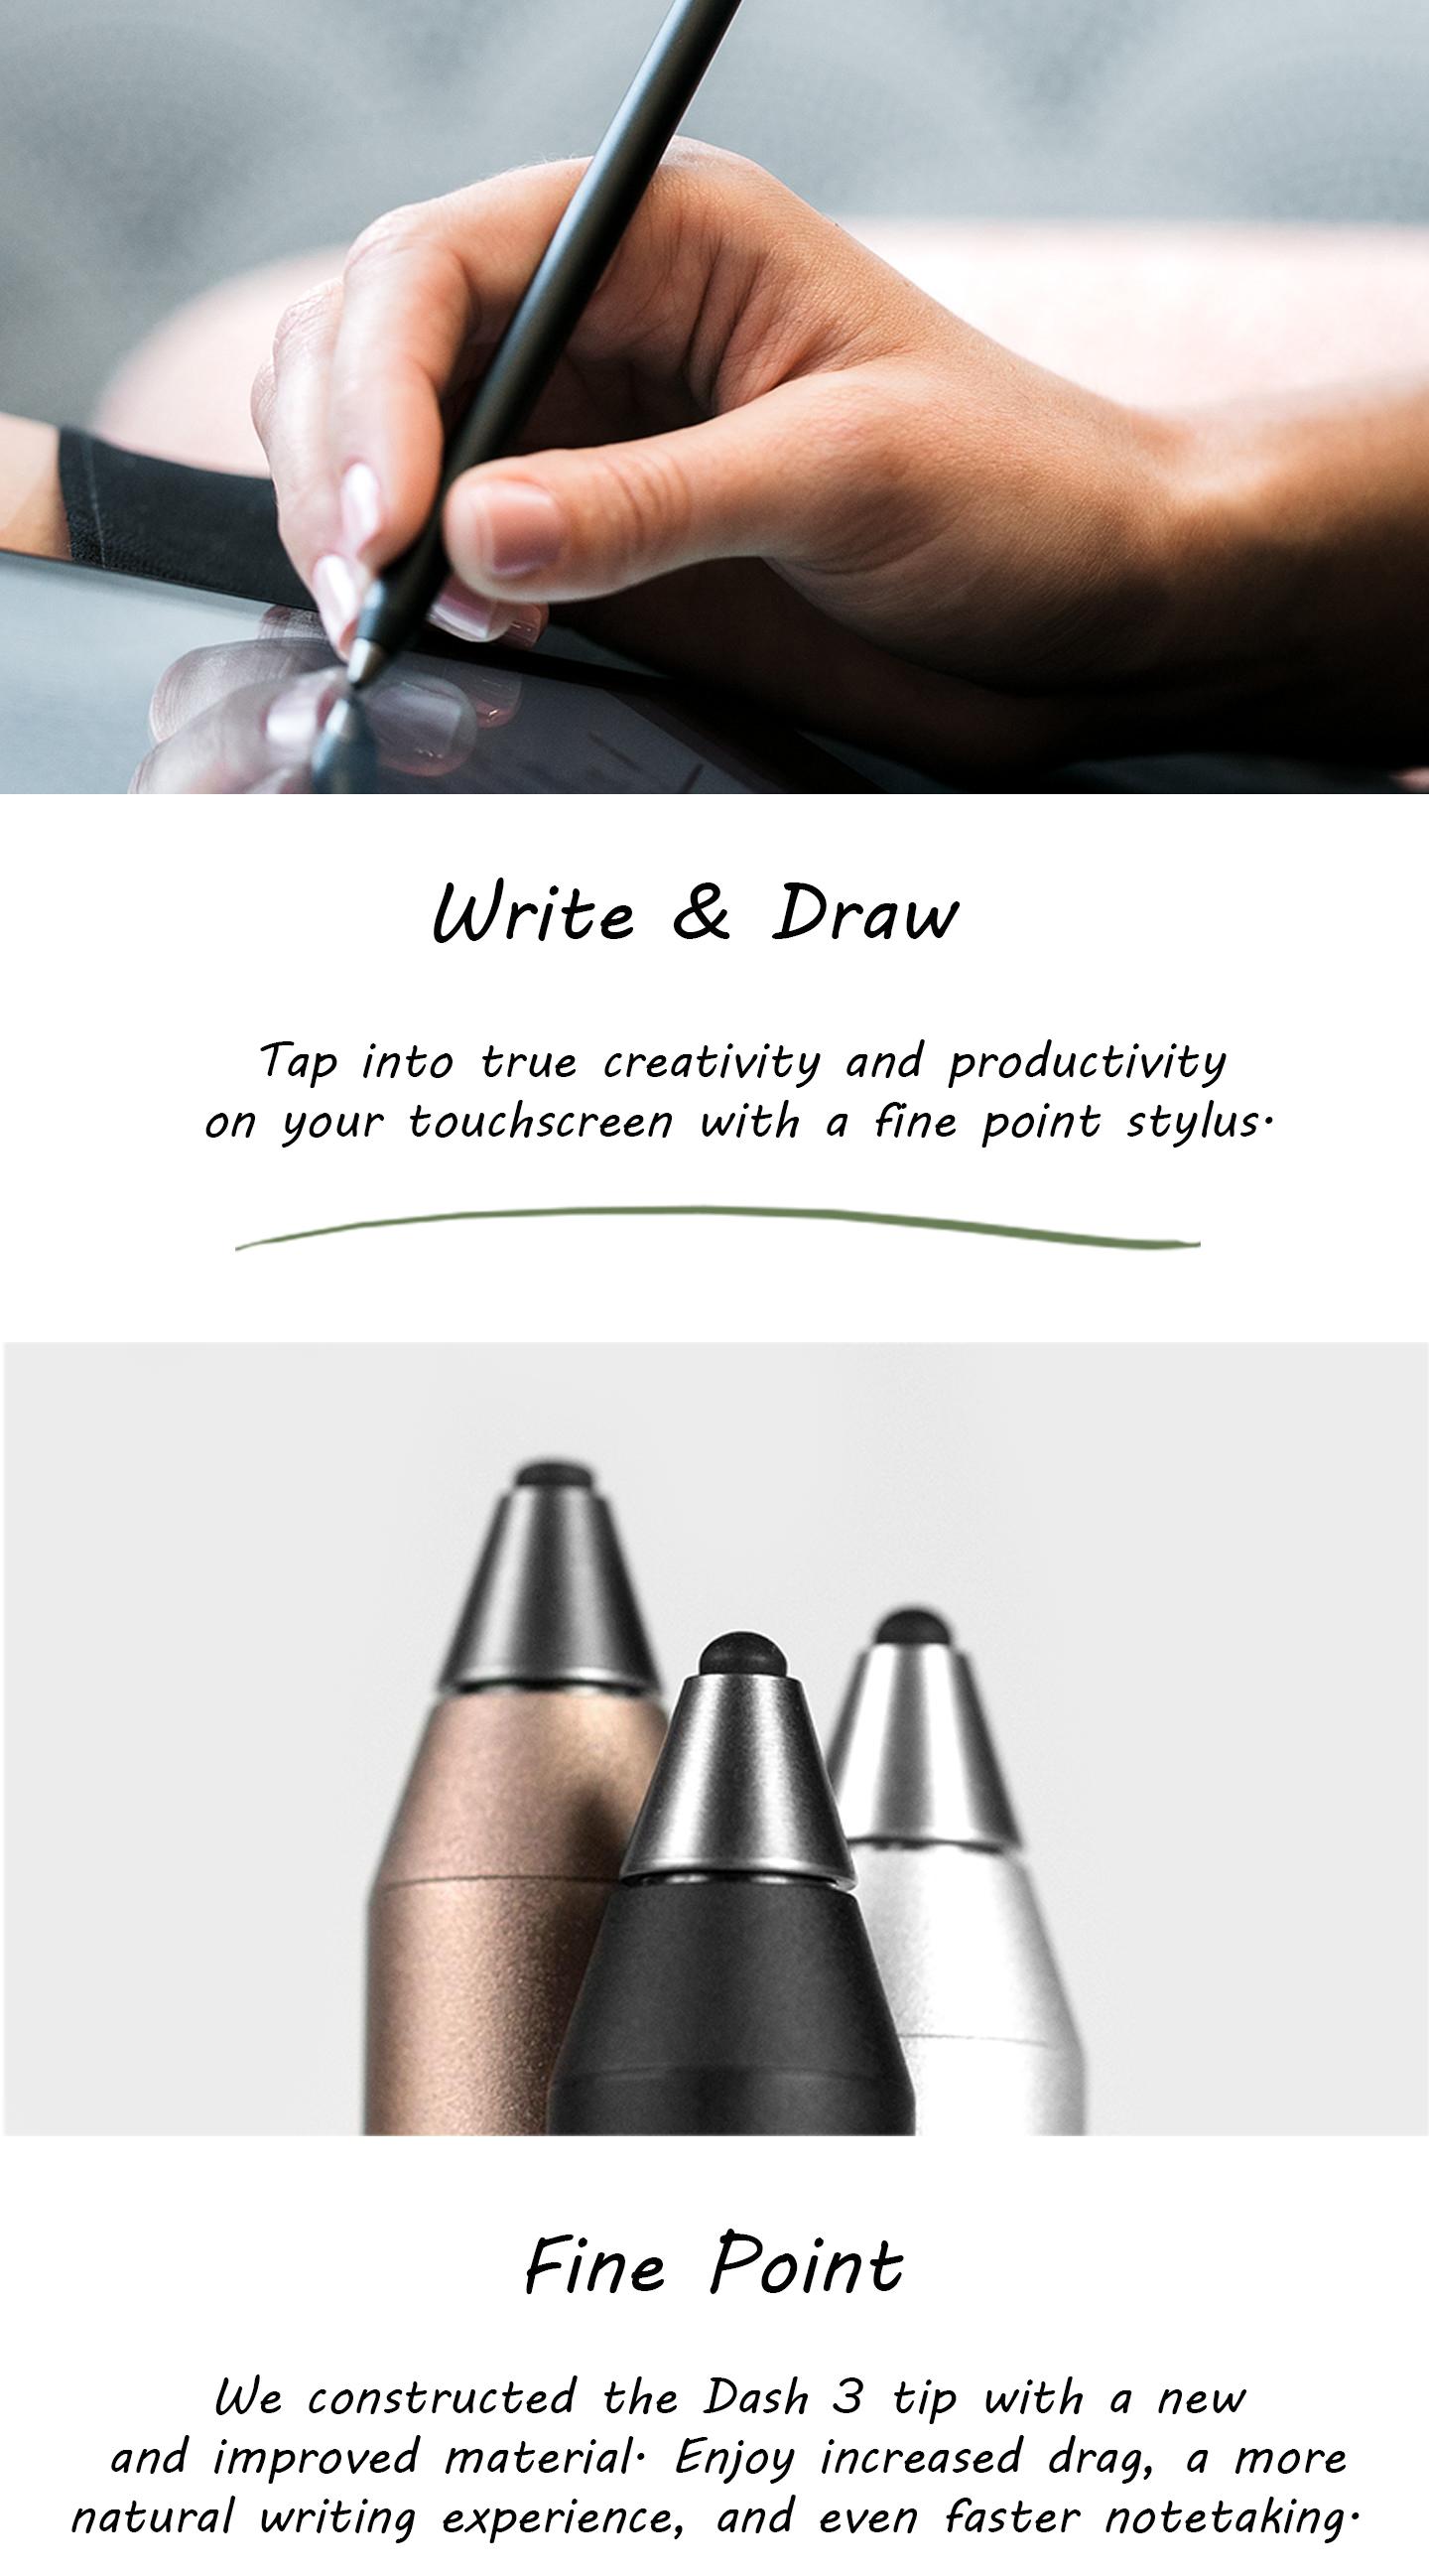 ซื้อ ปากกาสไตลัส Adonit Stylus Dash 3 Silver , ปากกาสไตลัสไอแพด, ปากกาสไตลัสไอแพดหัวใหญ่, ปากกาสไตลัสไอแพดหัวเล็ก, ปากกาสไตลัสน้ำหนักเบา, ปากกาสไตลัสแอนดรอยด์, ปากกาดิจิตอลวาดรูป, ปากกาดิจิตอลจดบันทึก, ปากกาสไตลัสยอดนิยม ราคาพิเศษ พร้อมโปรโมชั่นลดราคา ส่งฟรี ส่งเร็ว ทั่วไทย